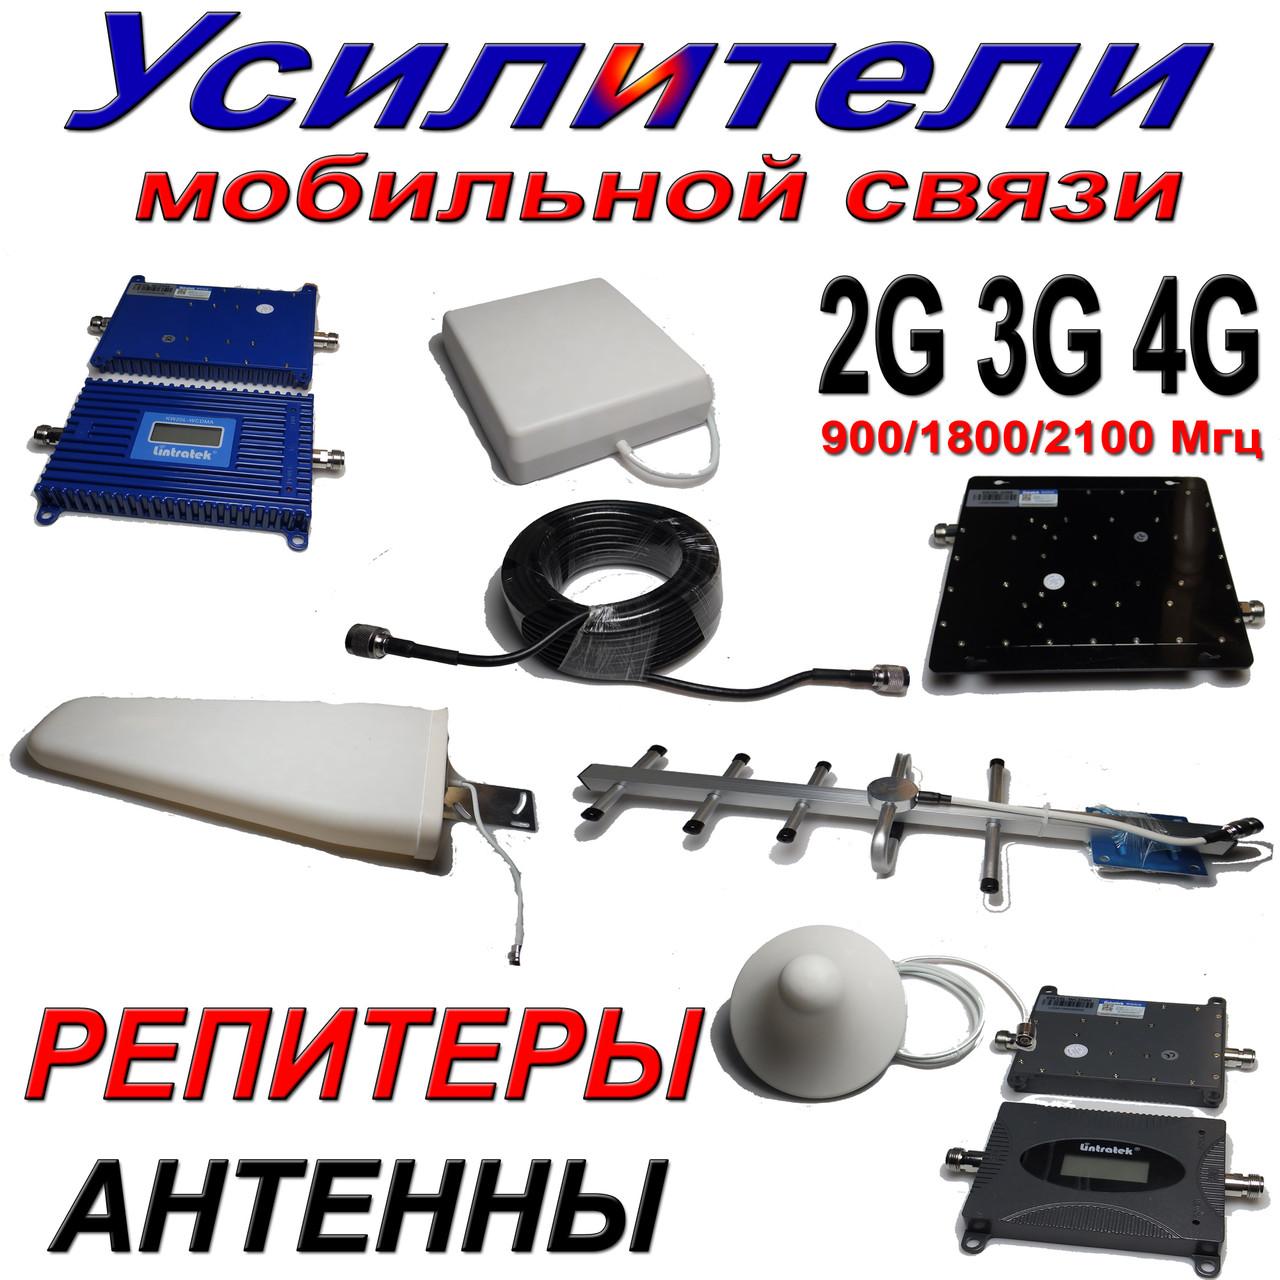 Усилитель сигнала Мобильной связи Репитер Repeater GSM 900 МГц, DCS 1800 МГц, 4g/4G интернета 1800 МГц